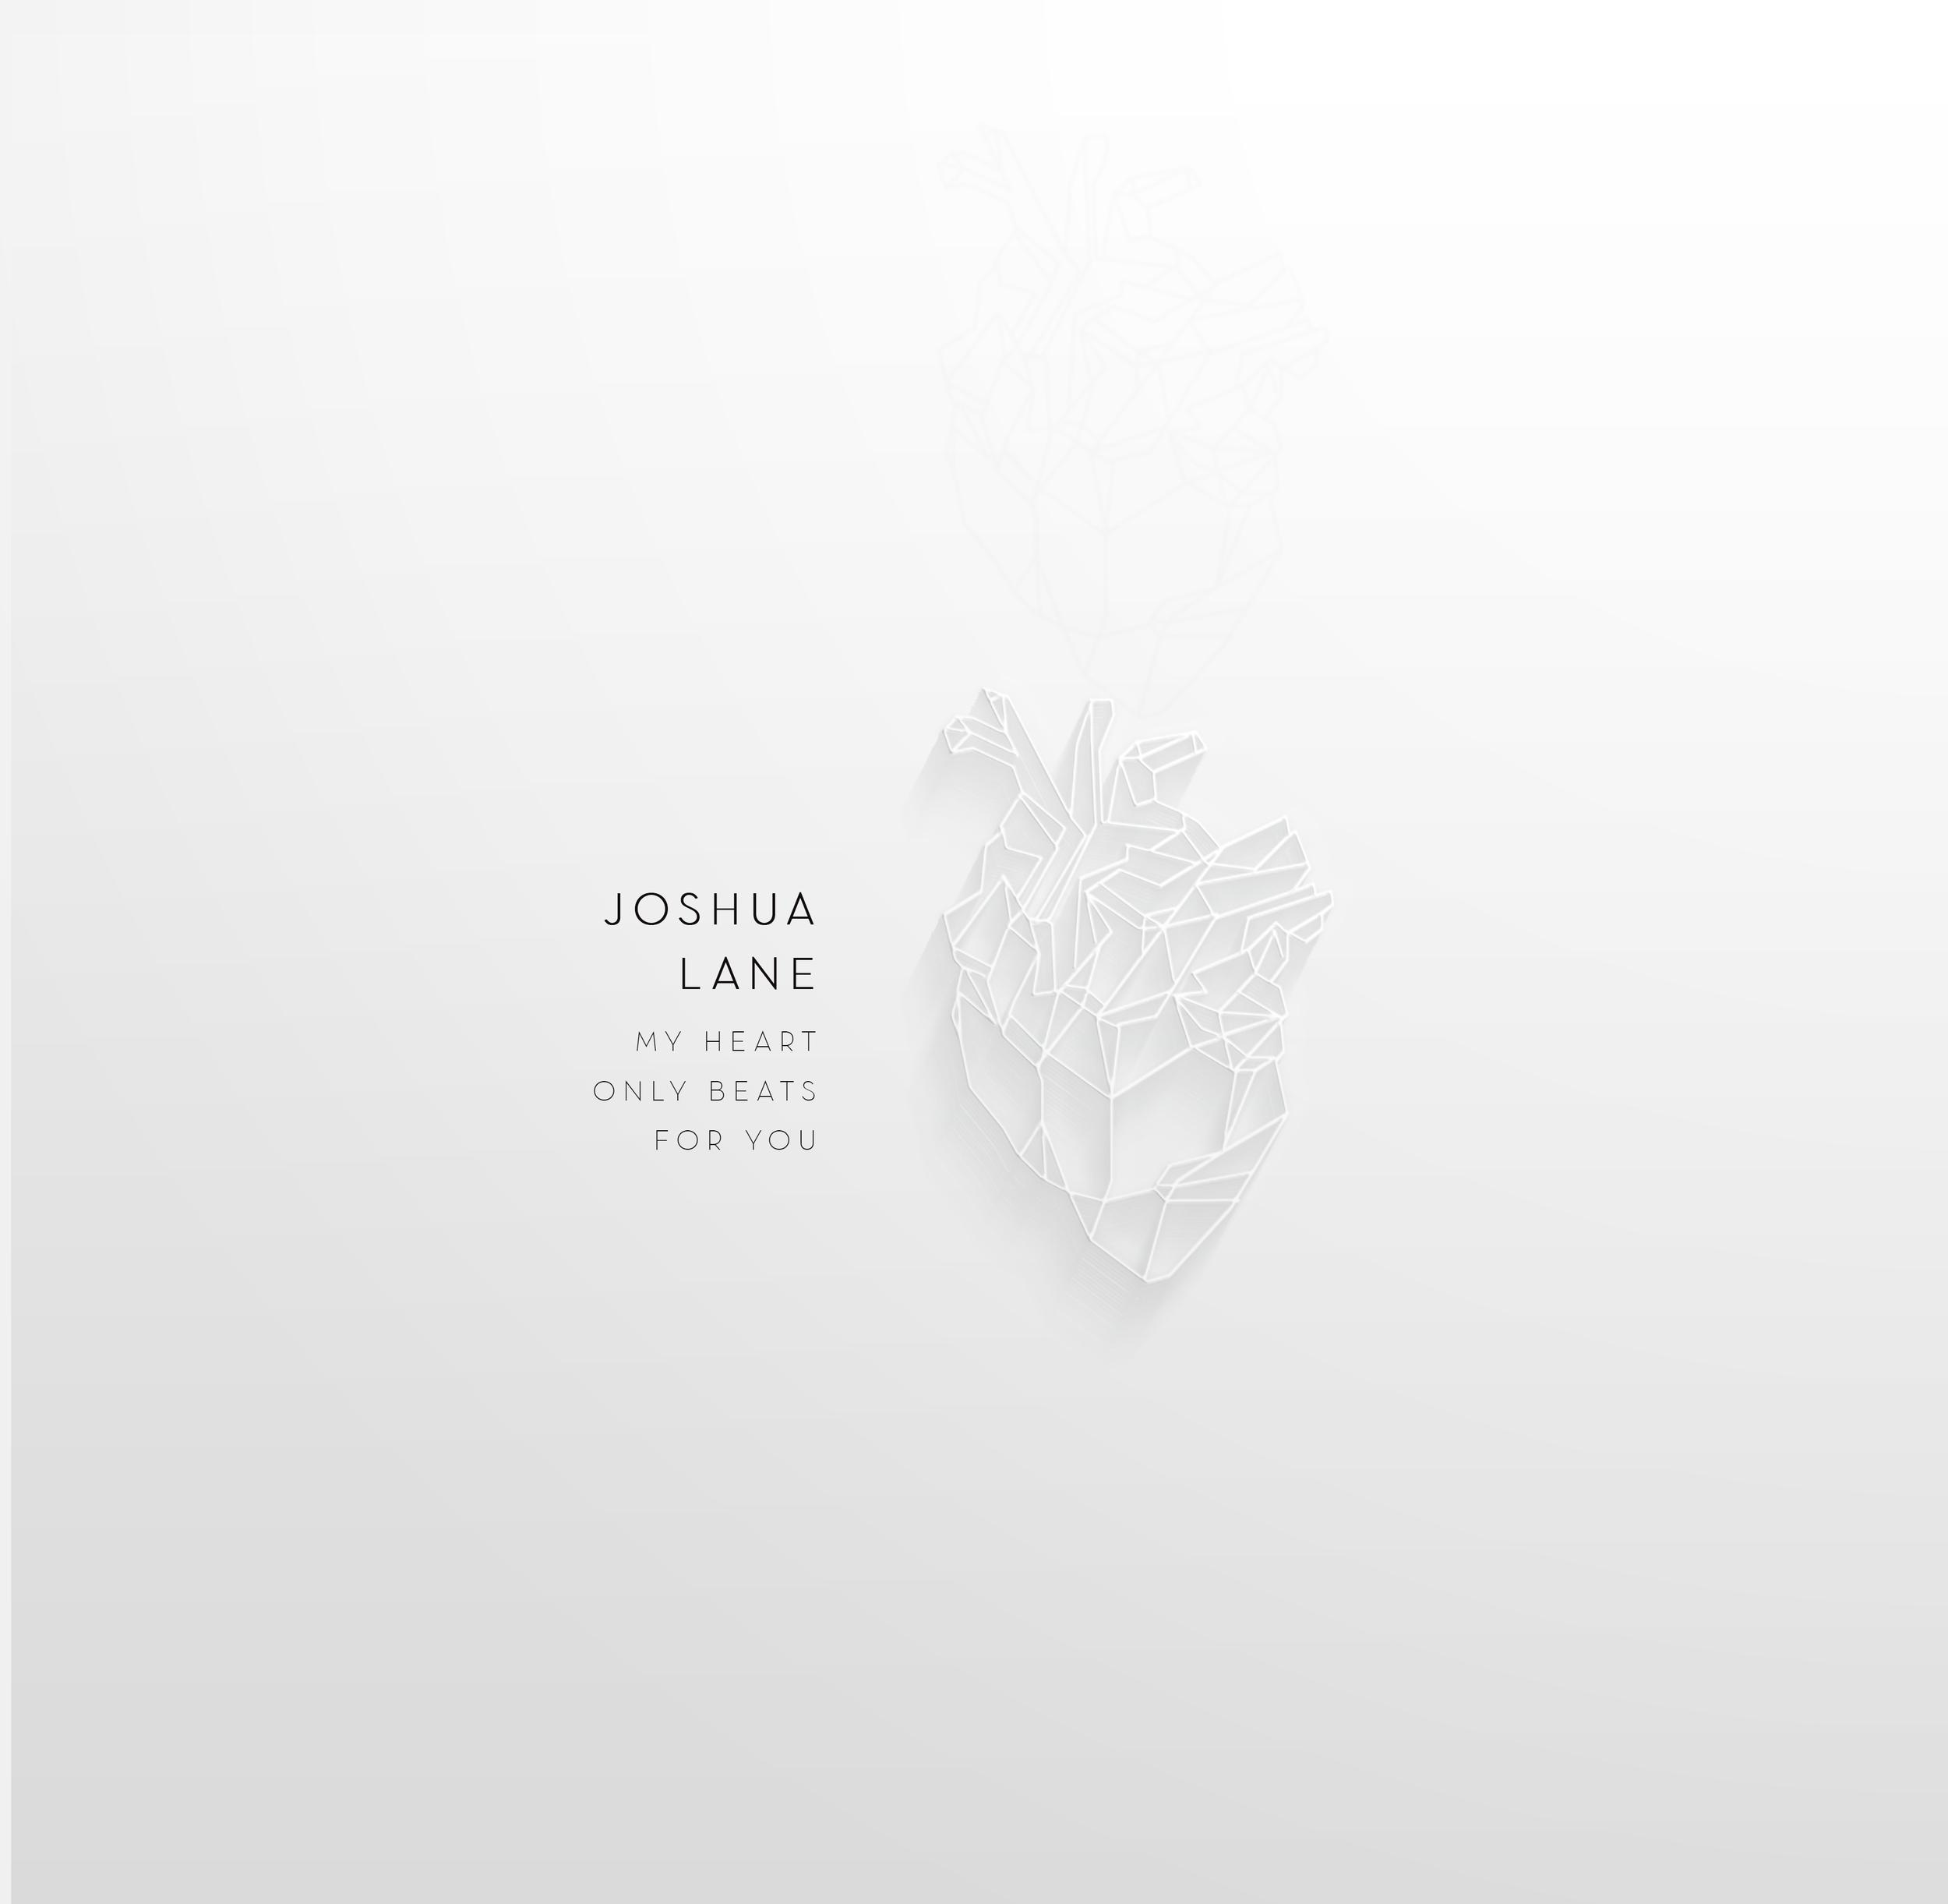 joshua lane - album art